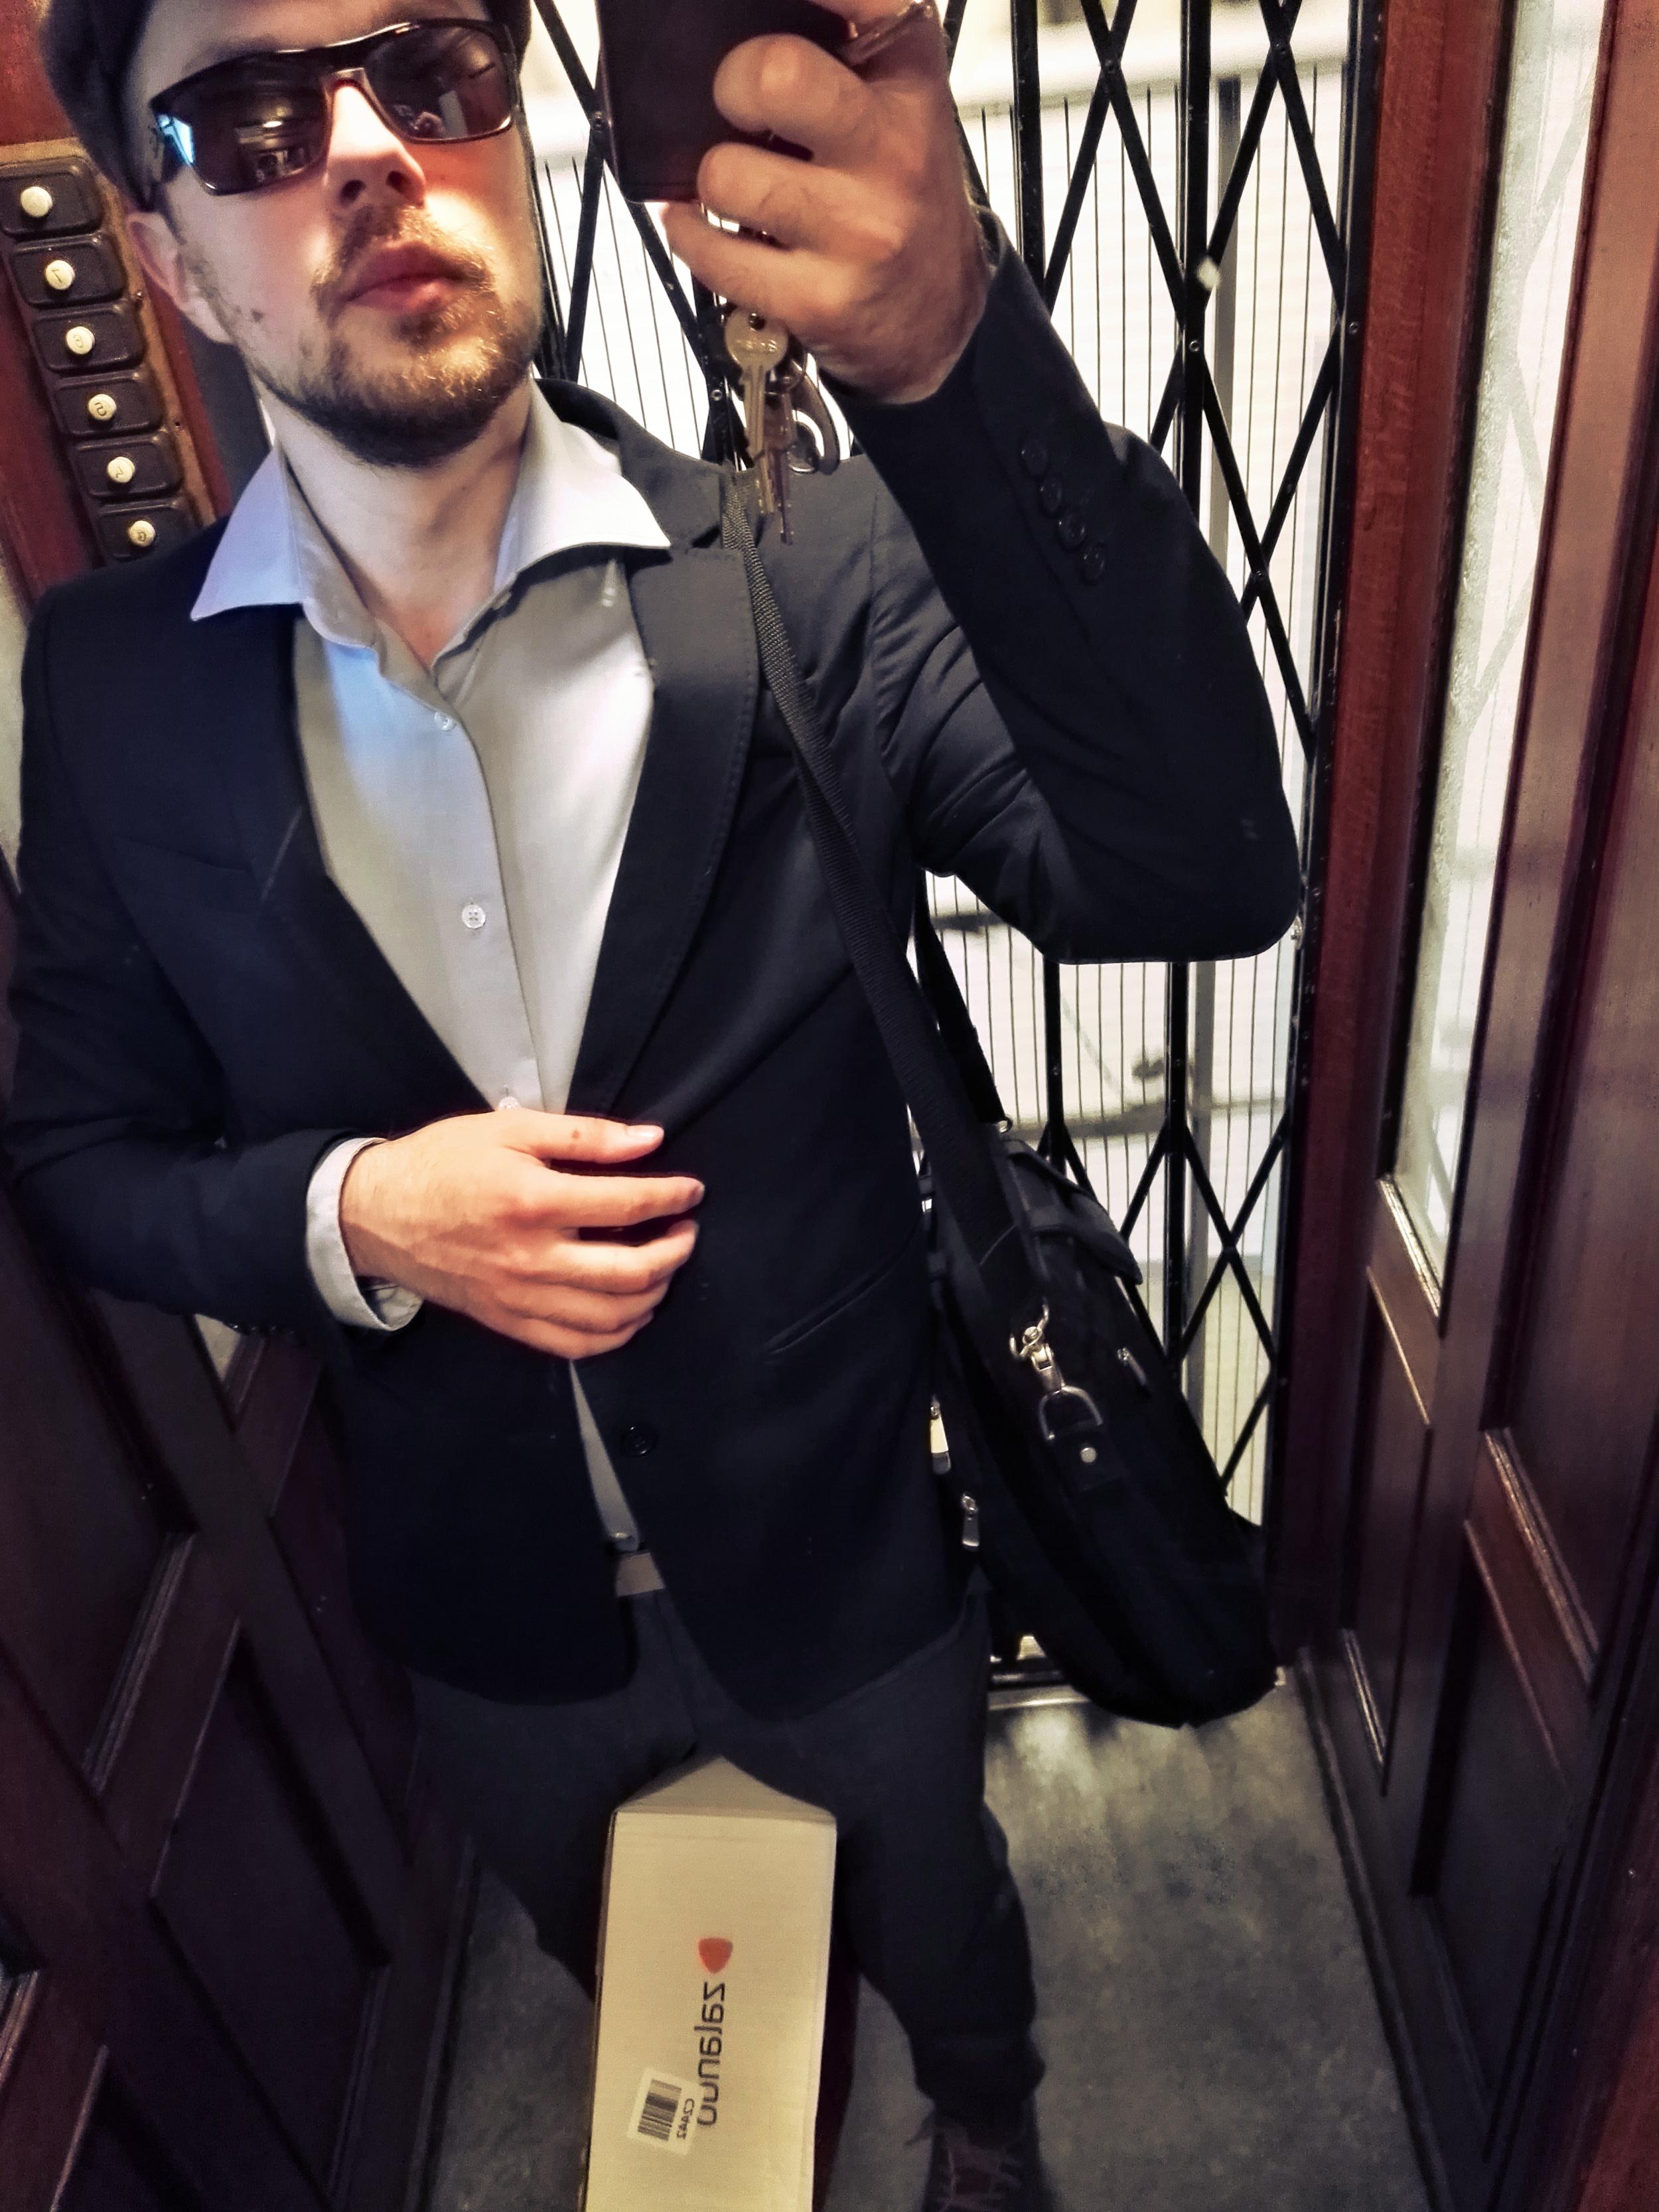 Zaran pikkutakki, Stockmannin omaa merkkiä oleva kauluspaita, These Glory Daysin housut, se ToS:in nahkavyö, Zalandon postipaketti, avaimet ja läppärilaukku